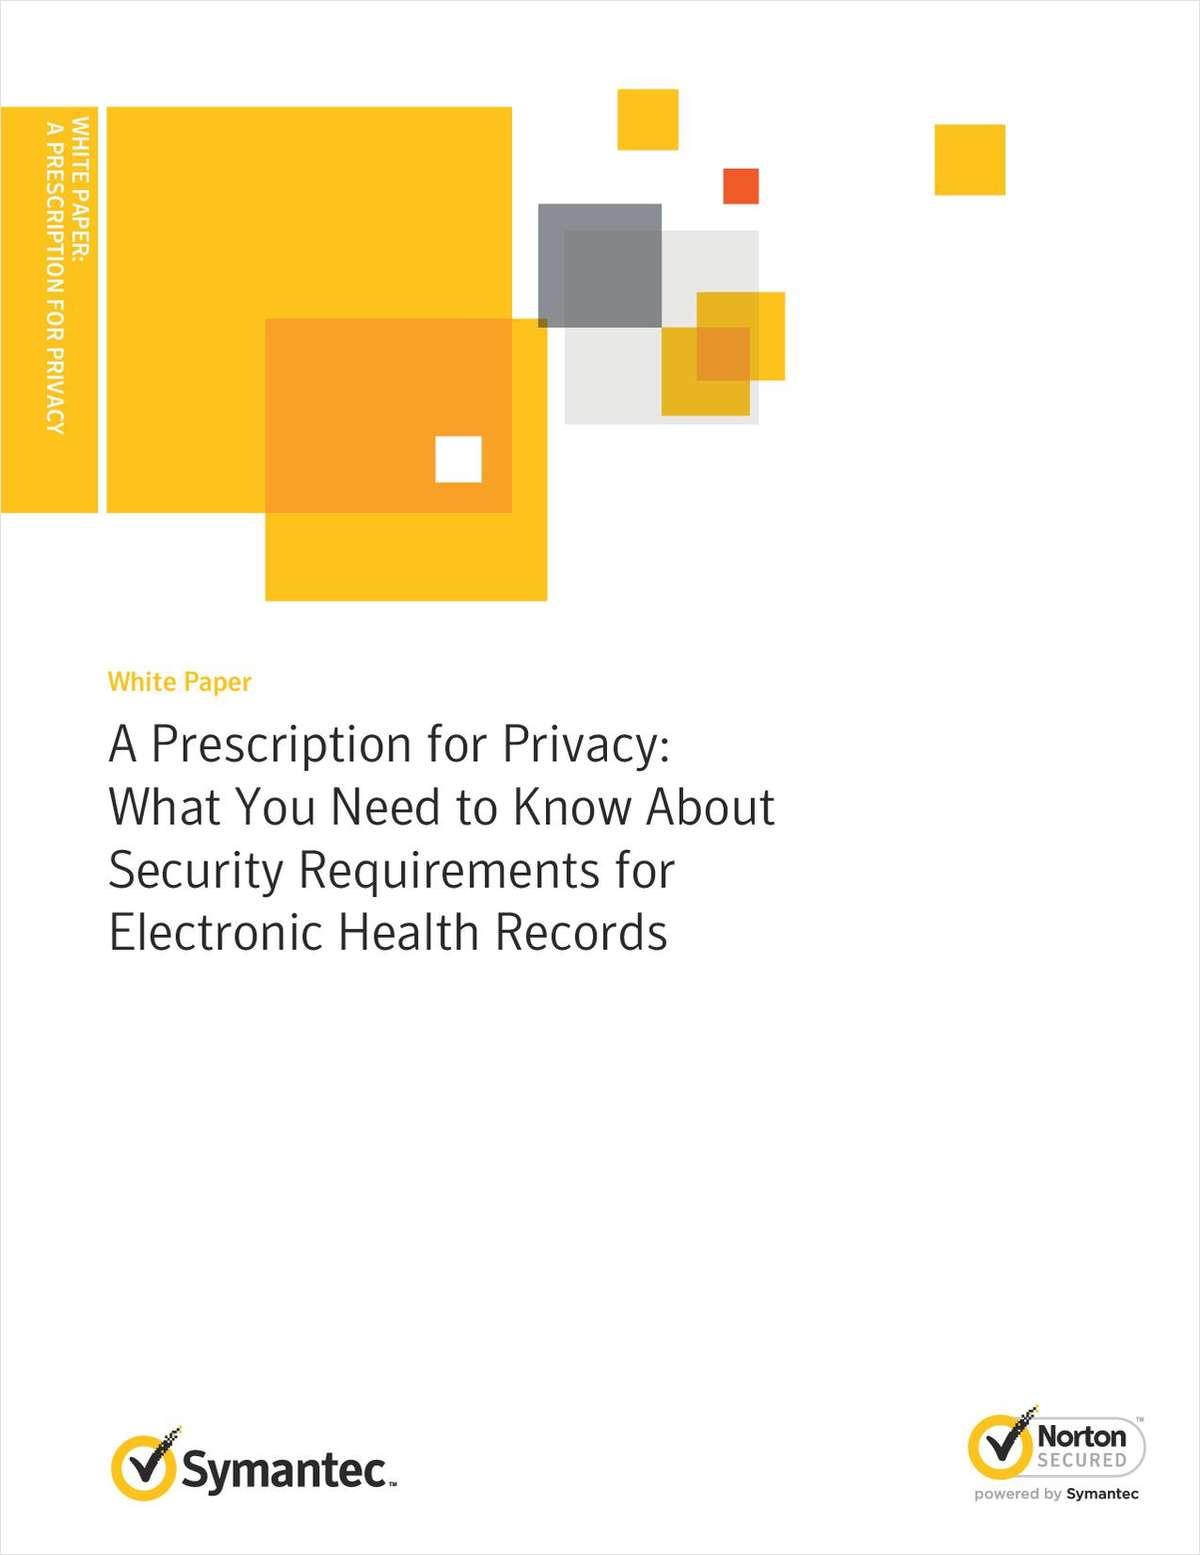 A Prescription for Privacy